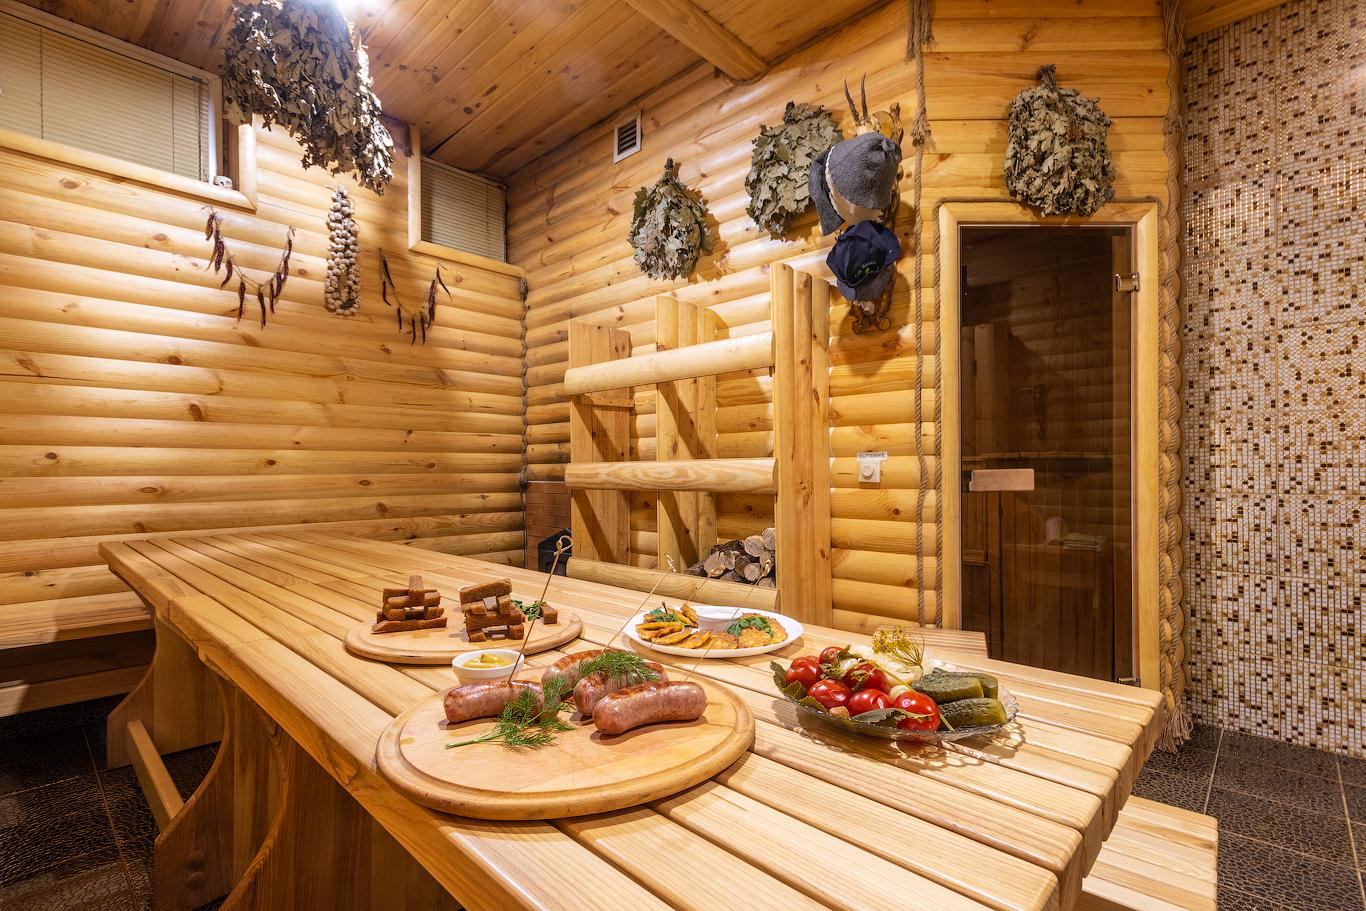 Проект дом-баня - отличное решение для загородного строительства